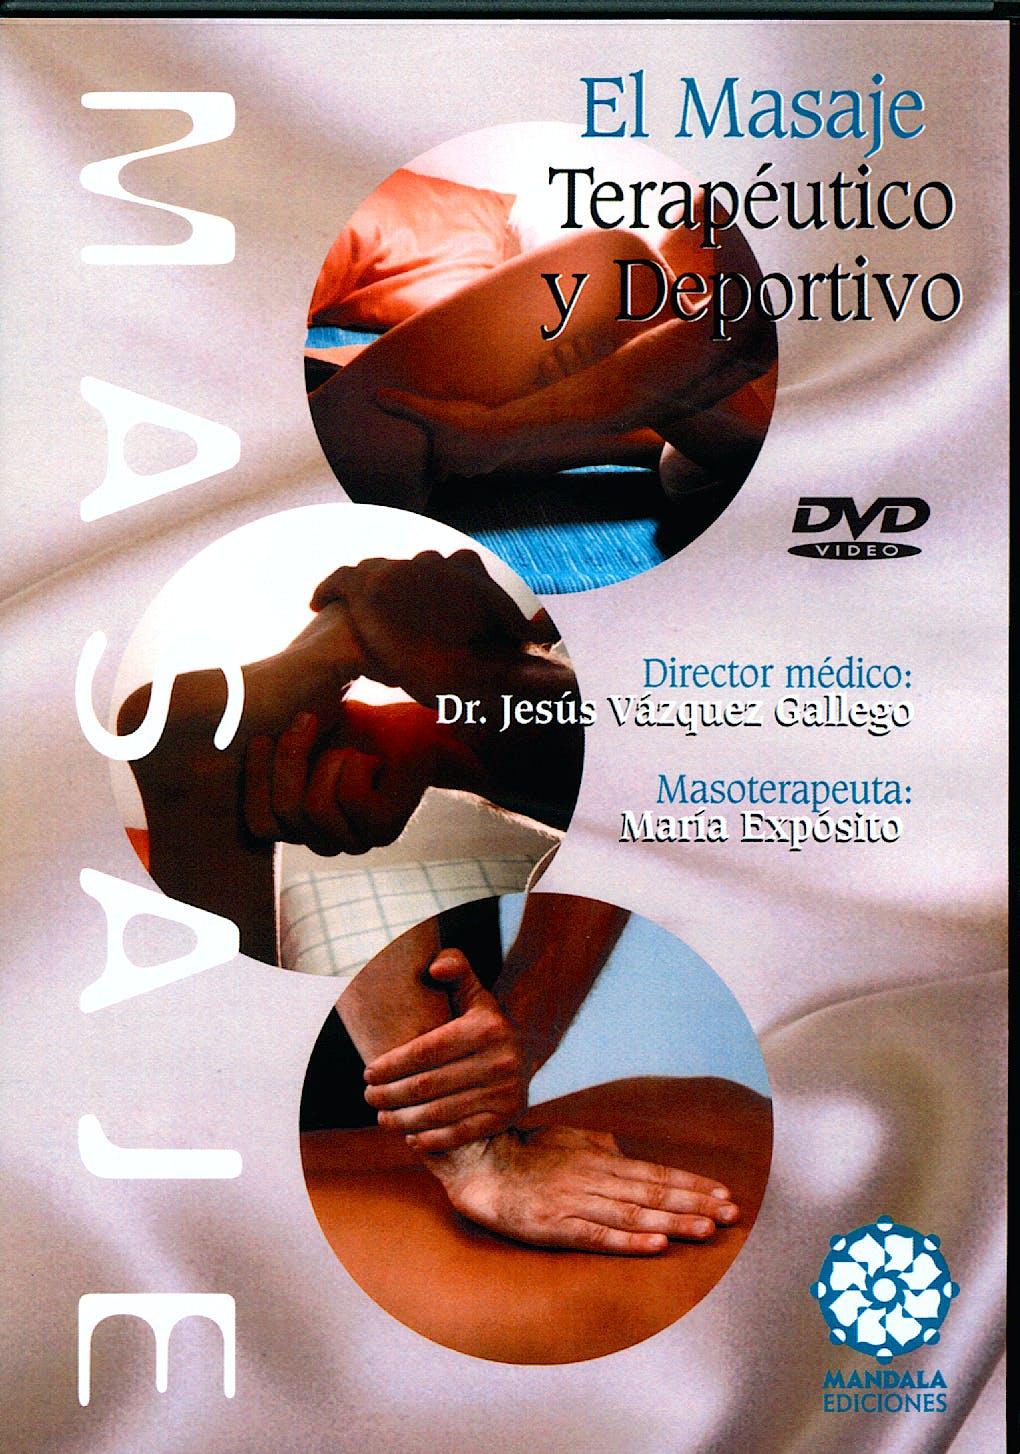 El Masaje Terapéutico y Deportivo (DVD 45 Min.)